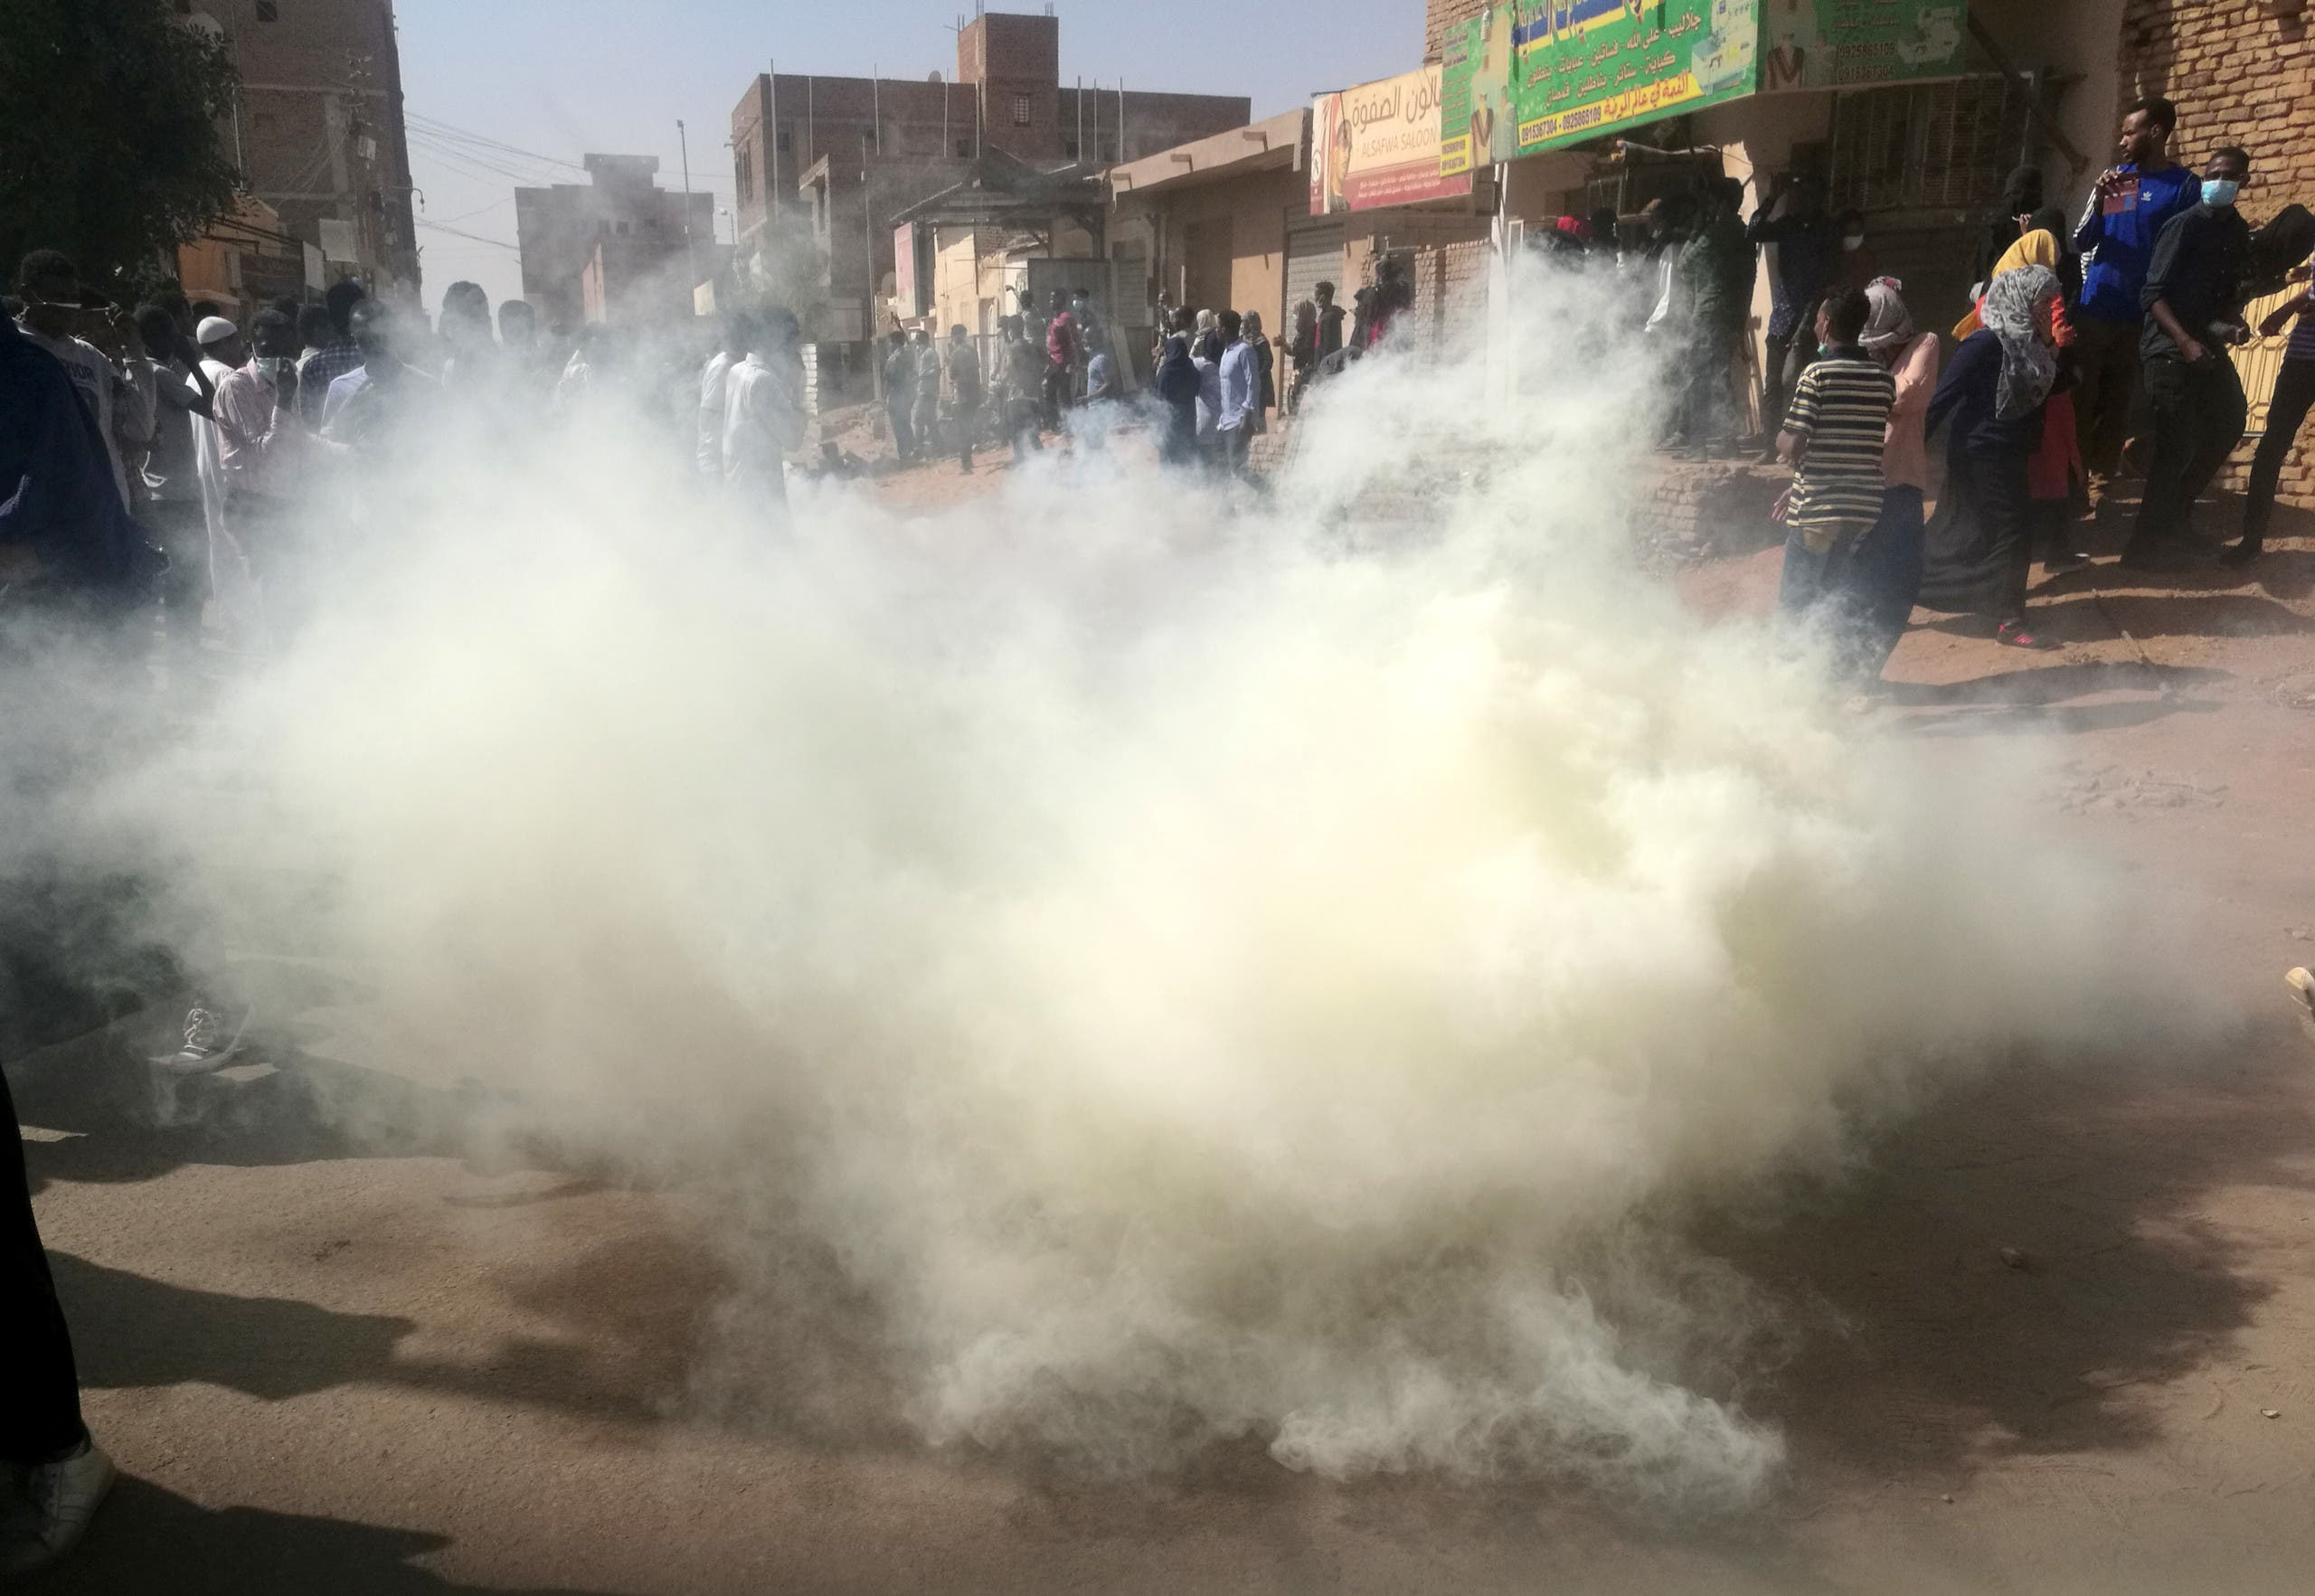 شرطة مكافحة الشغب تطلق الغاز المسيل للدموع على متظاهرين في السودان